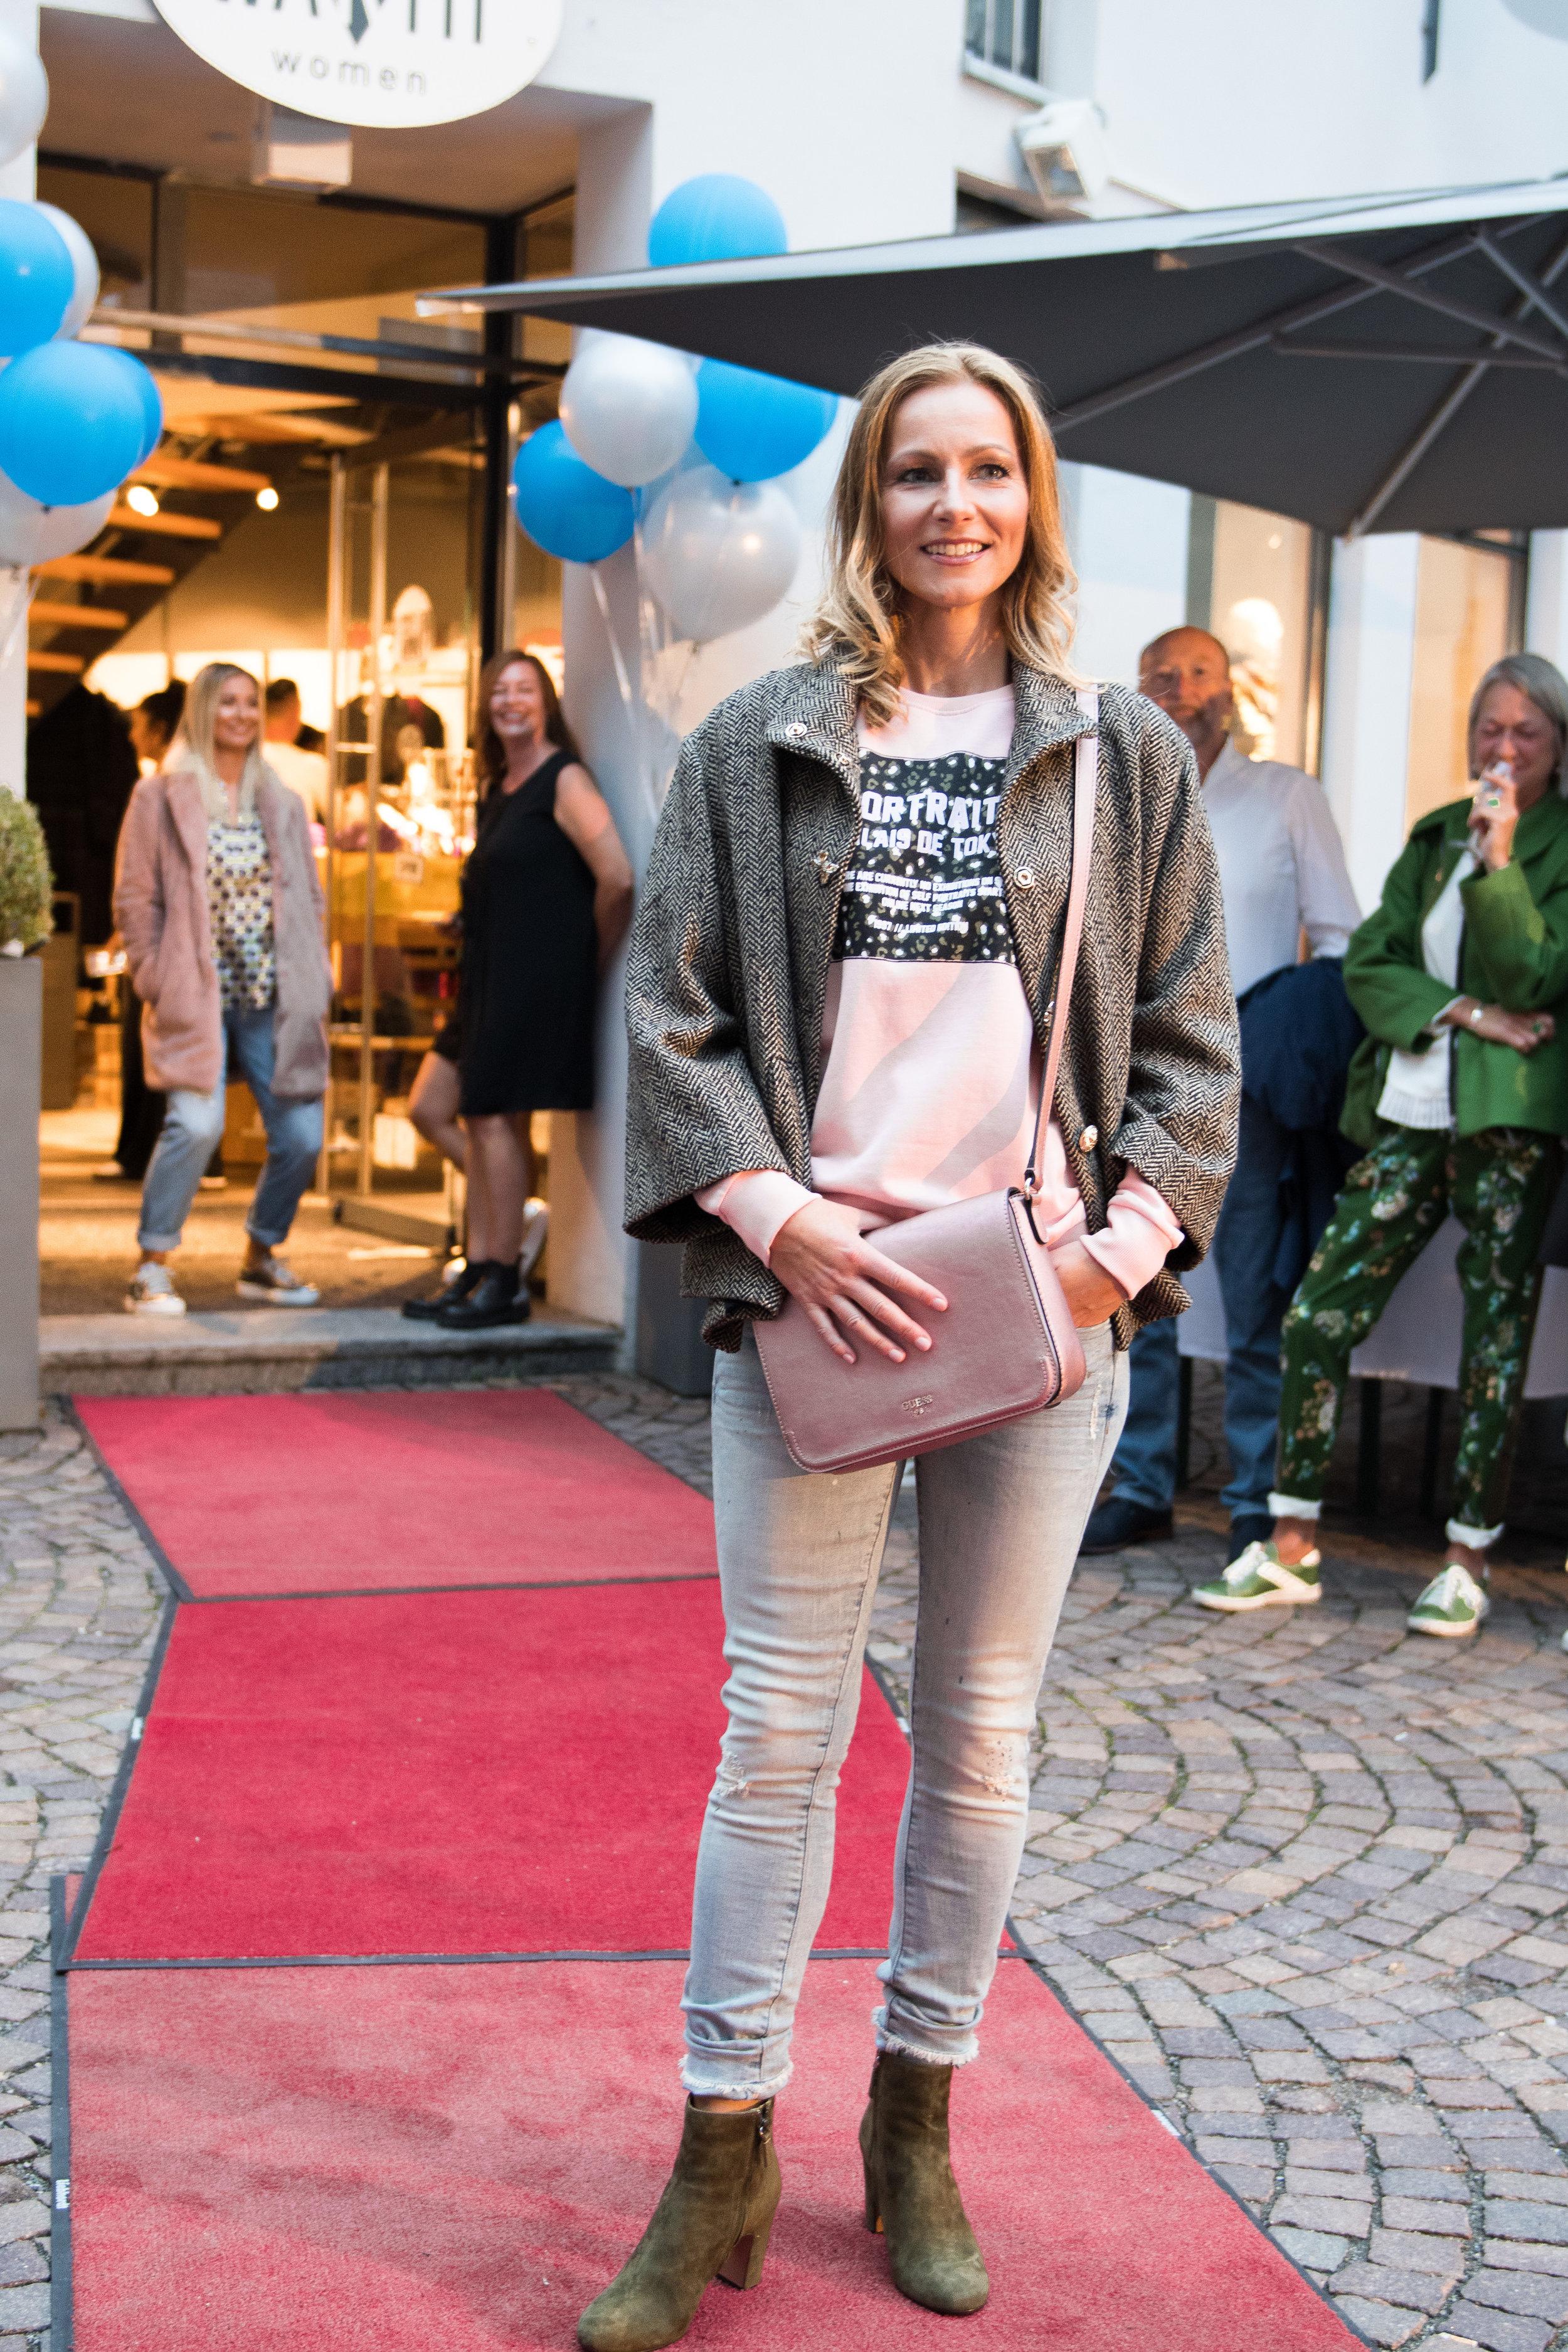 Fashionshowbackstage_54.jpg